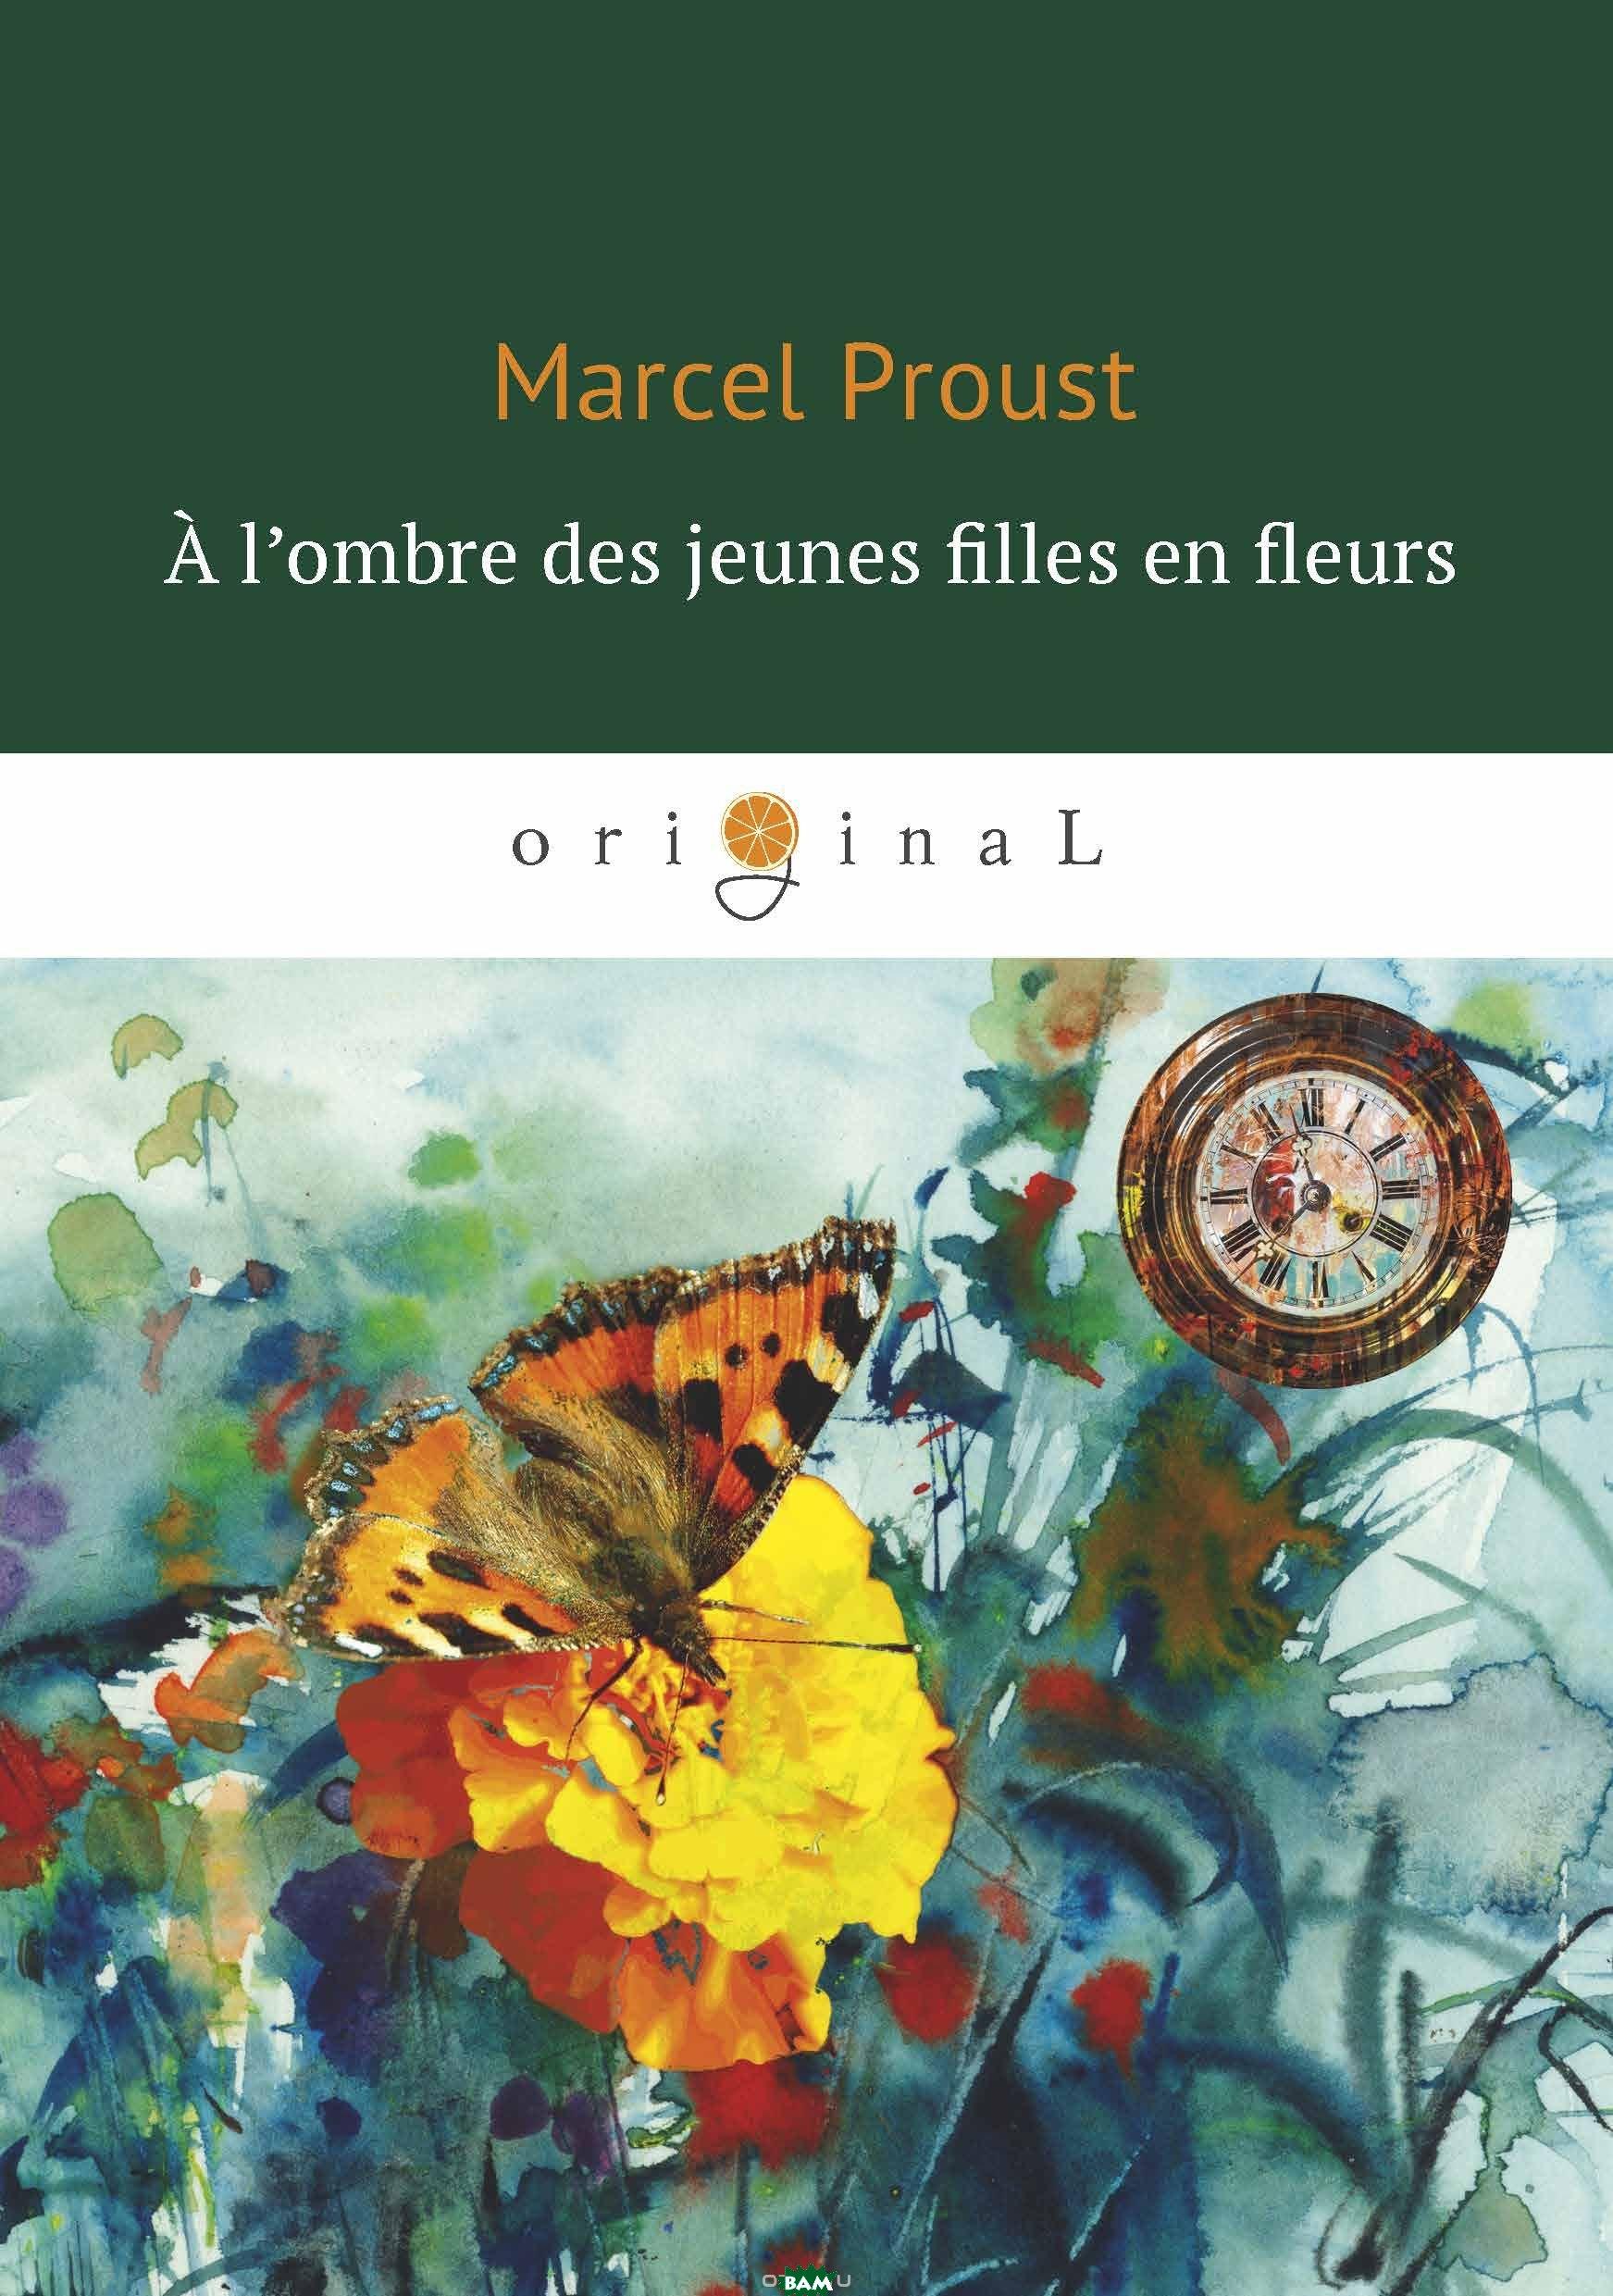 Купить A l`ombre des jeunes filles en fleurs, T8RUGRAM, Proust Marcel, 978-5-521-06420-5